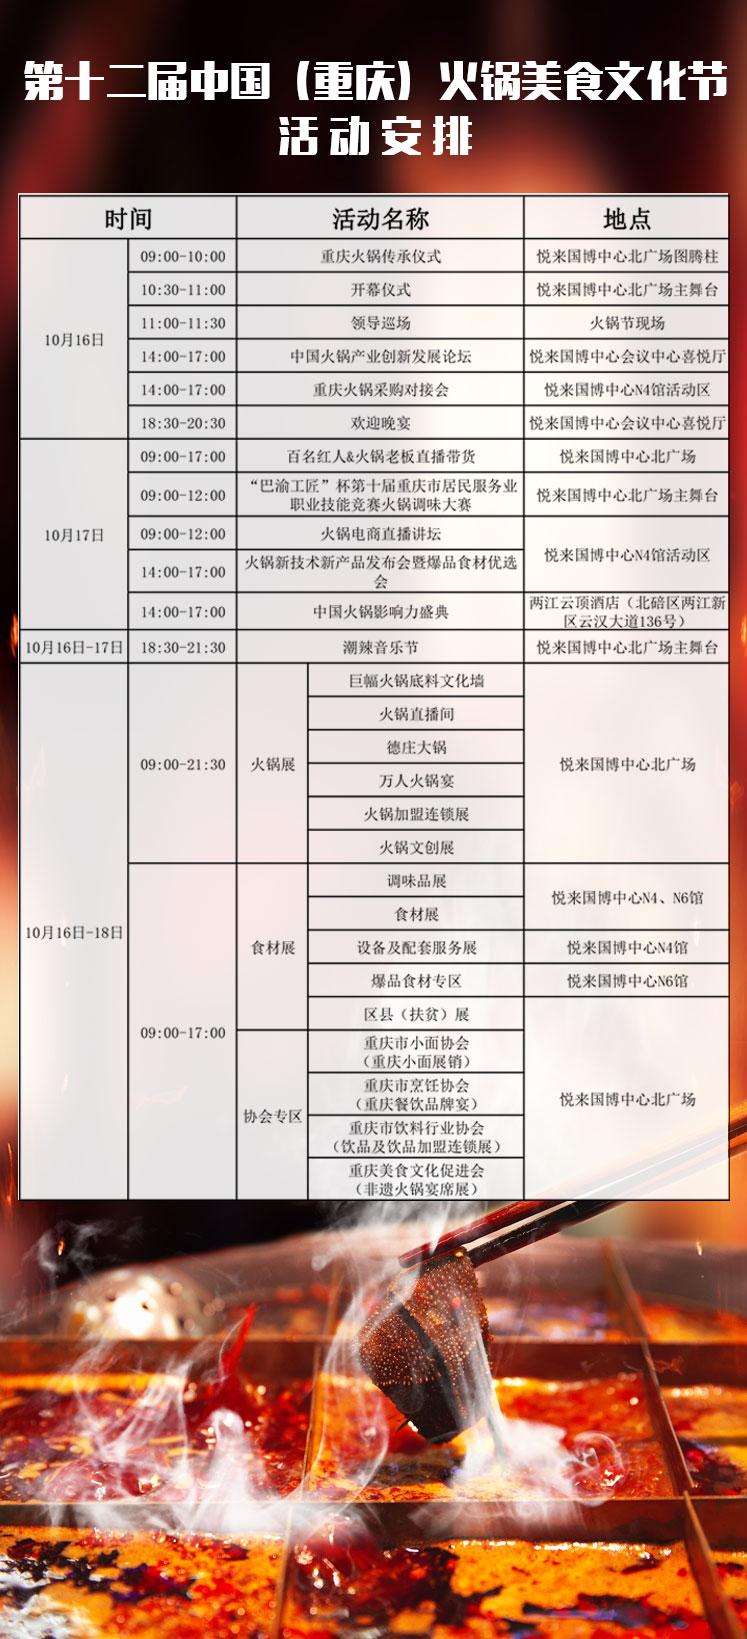 第十二届中国(重庆)火锅节16日开幕!请拿好这份参会指南